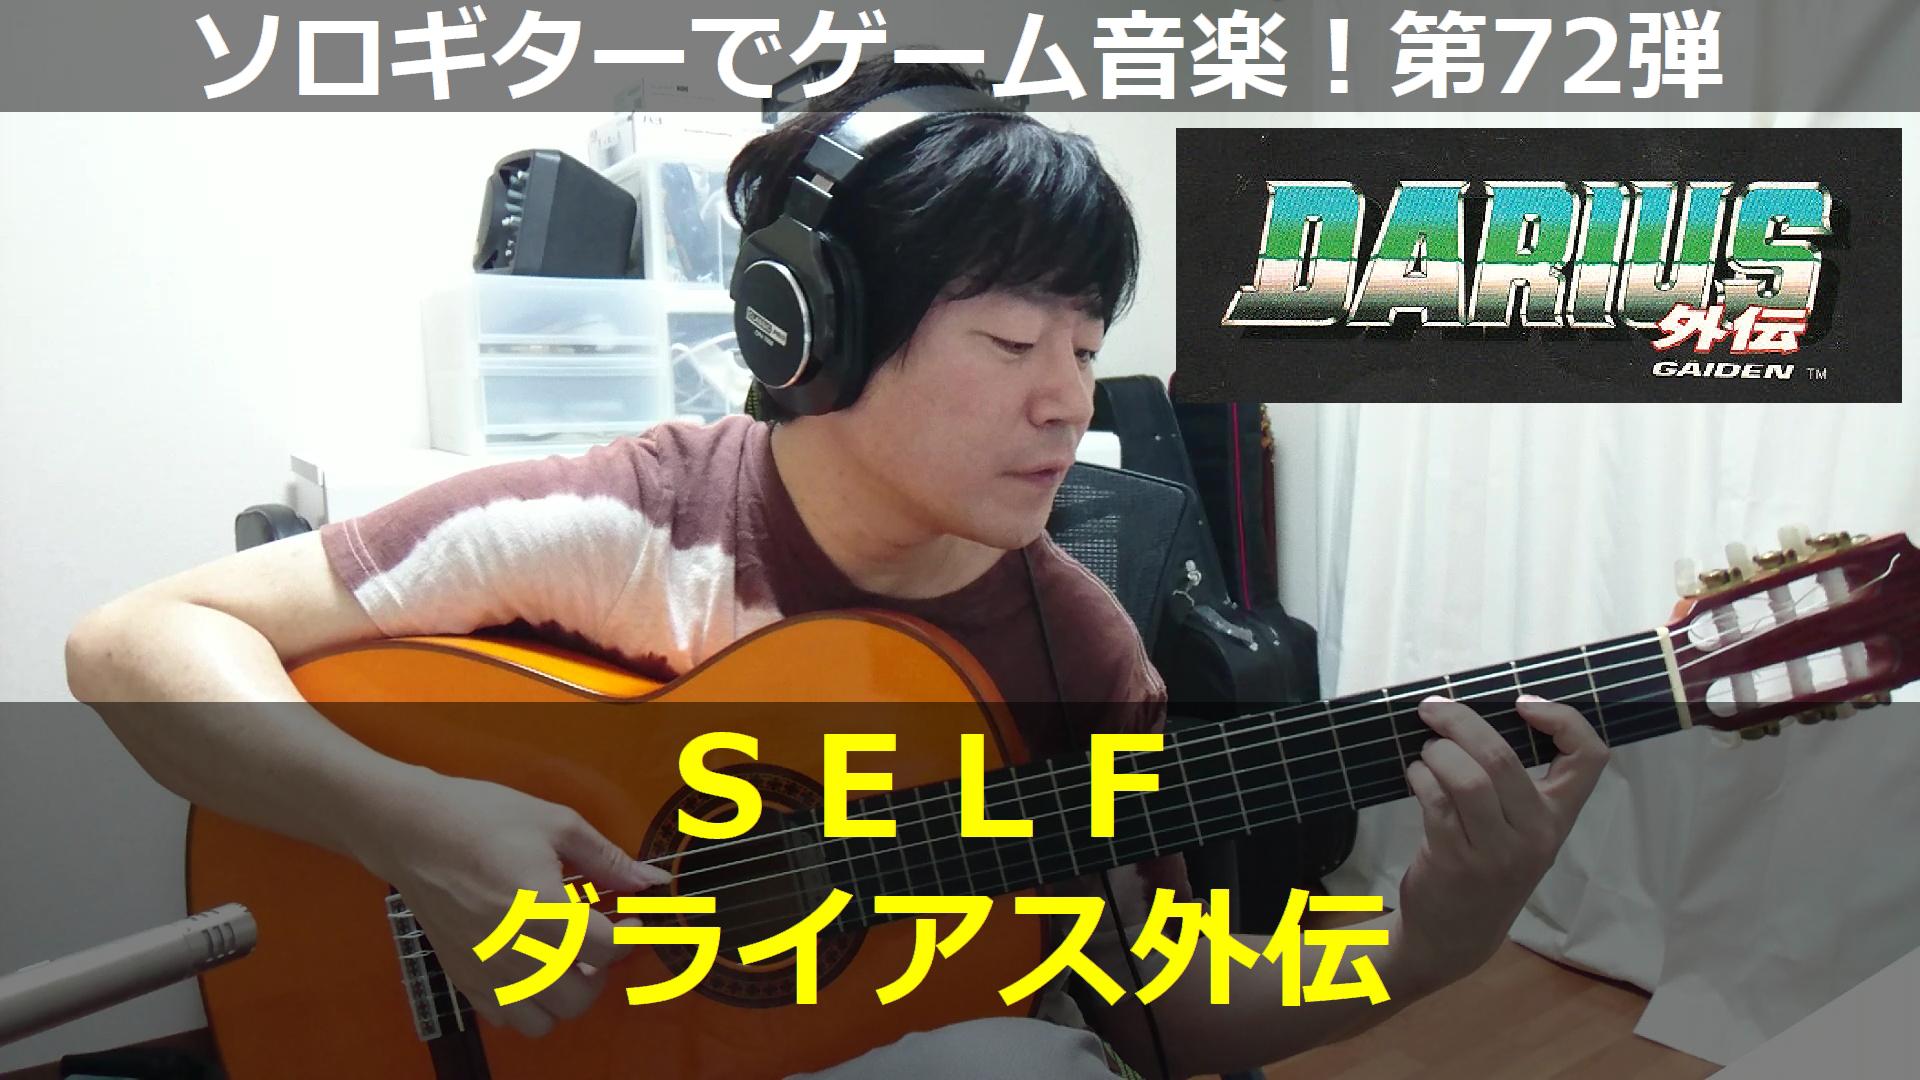 ダライアス外伝 SELF ギター演奏